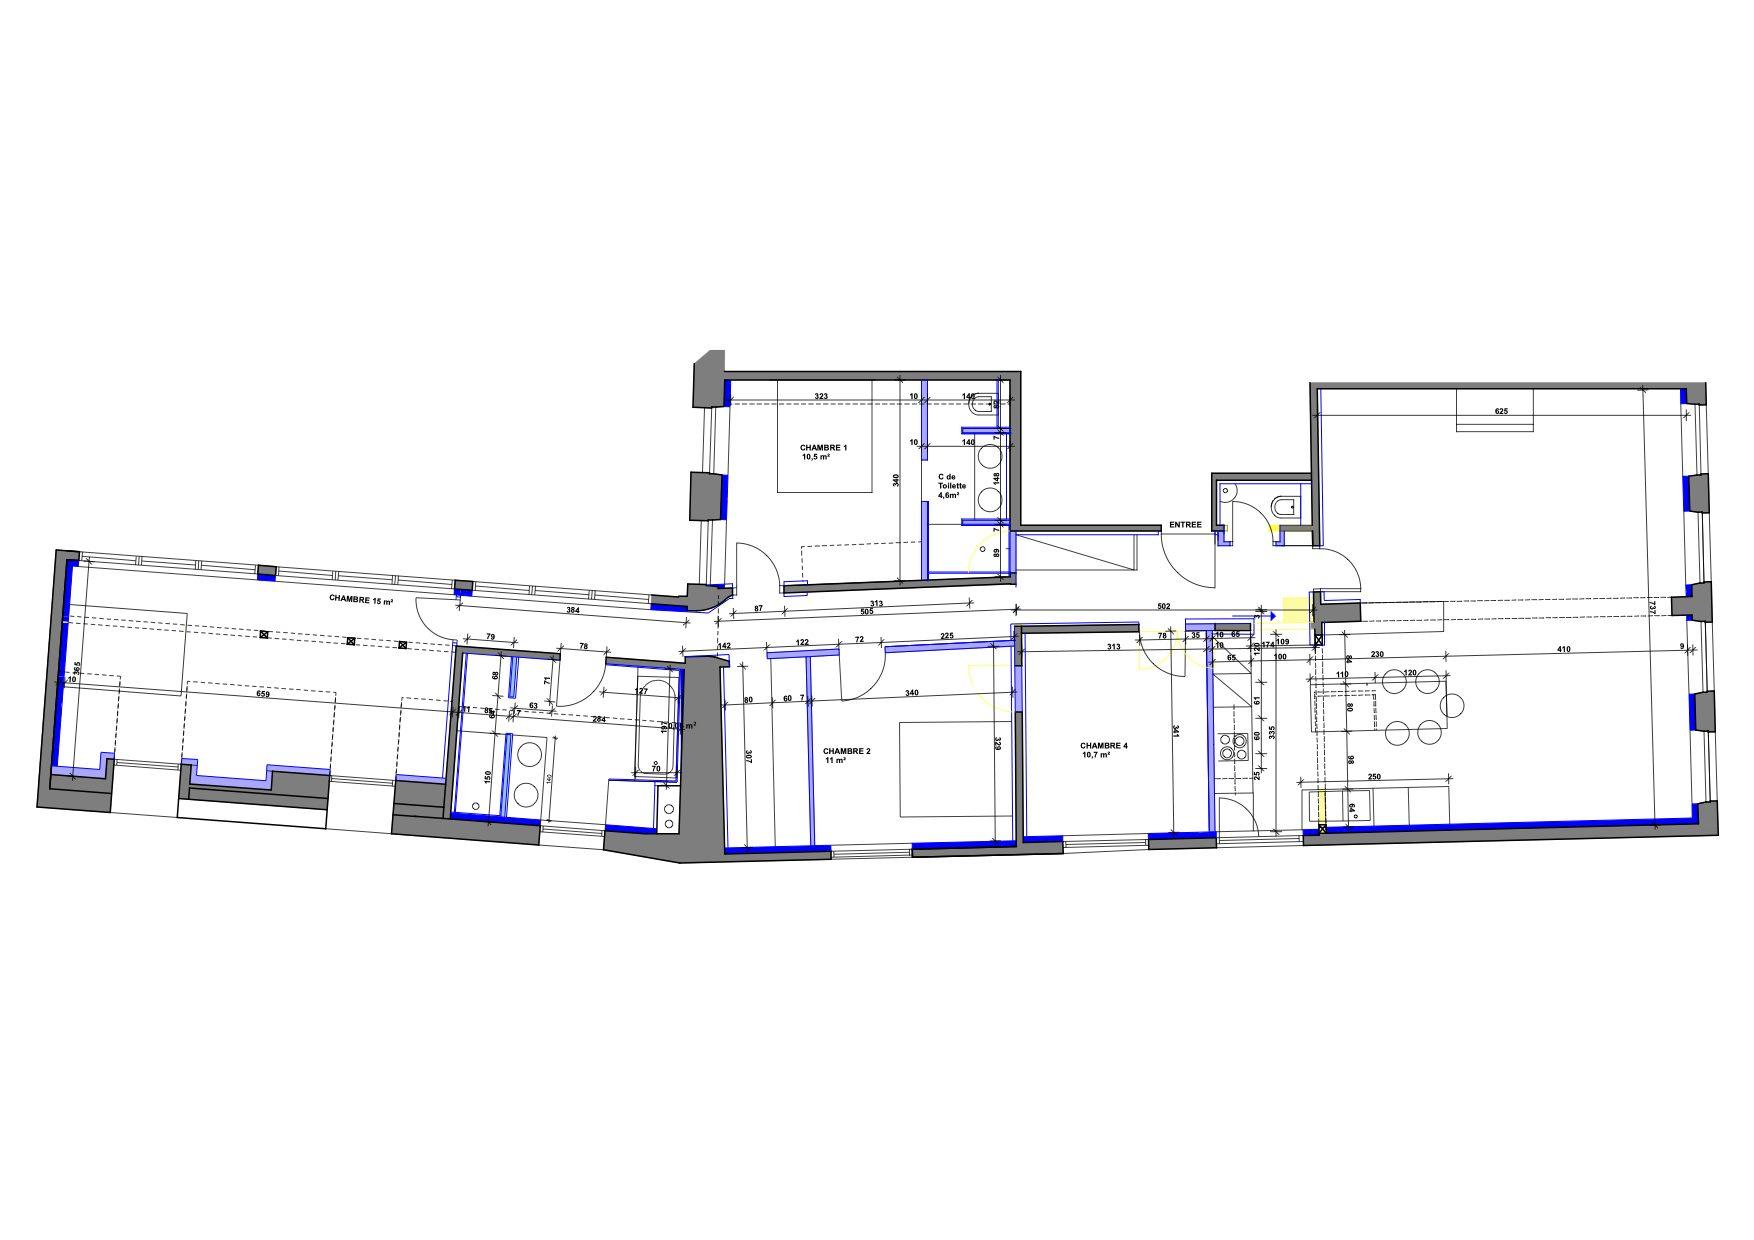 5 pièces d'exception face à la mairie - Devenez locataire en toute sérénité - Bintz Immobilier - 8